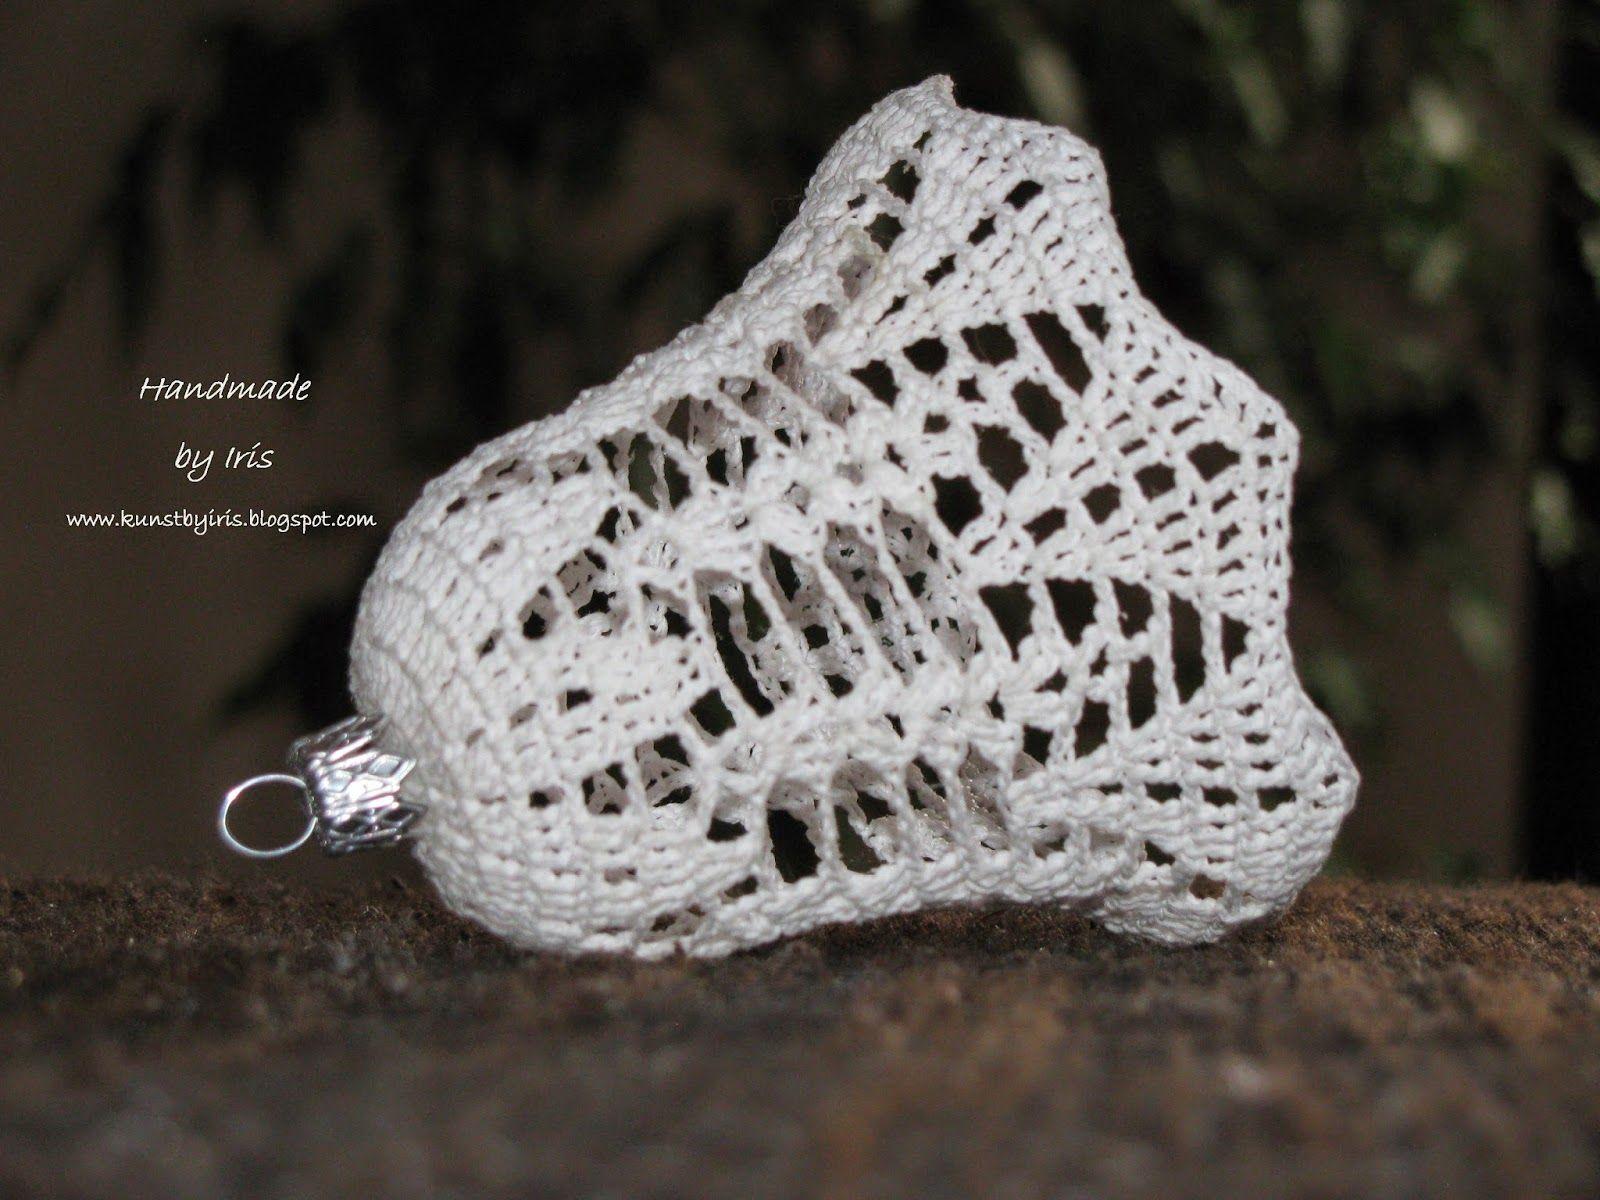 Buscar x handmade by iris, está el patrón | Hermosa Navidad ...